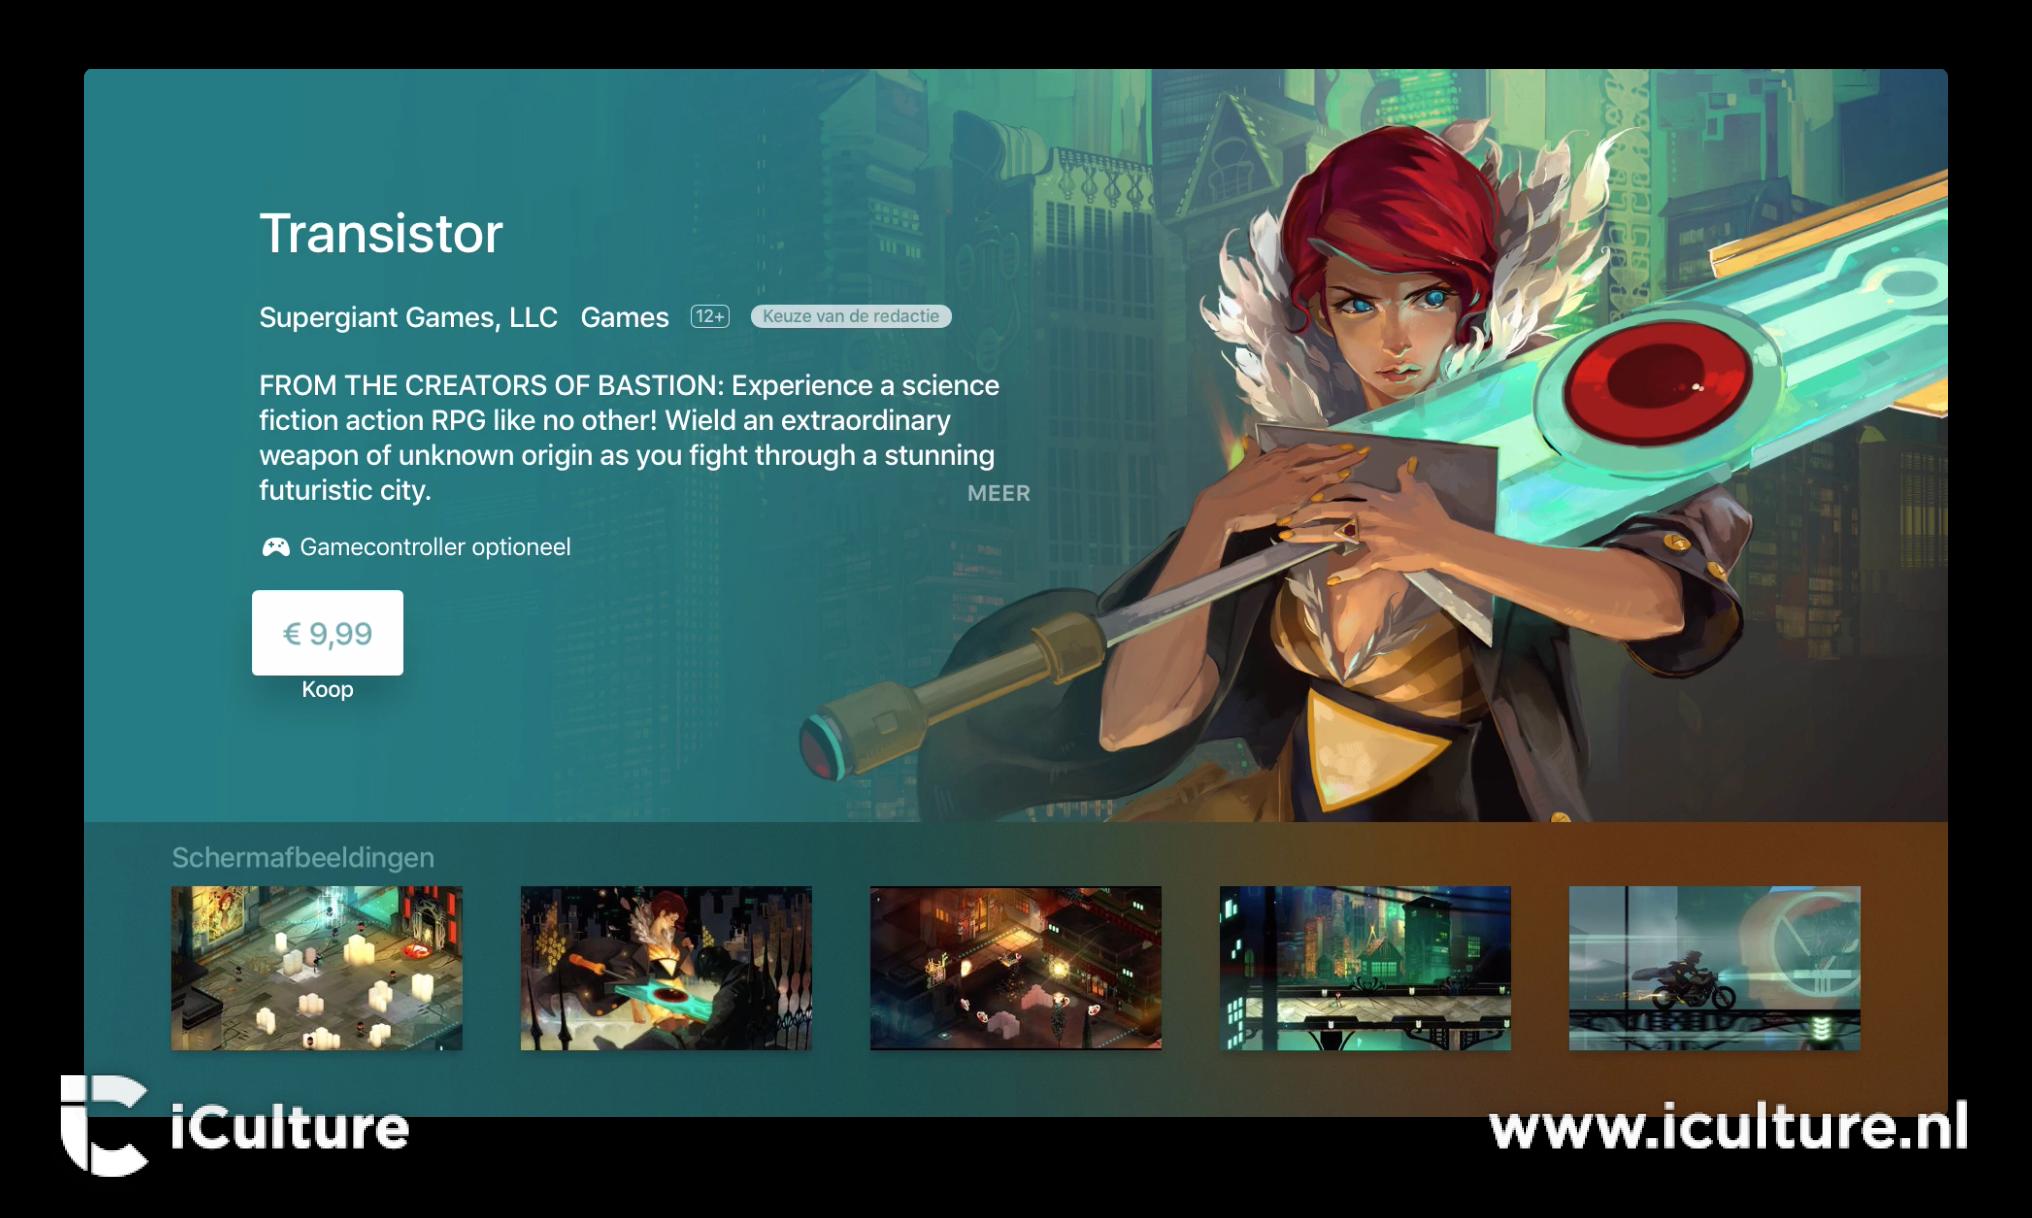 Games-pagina